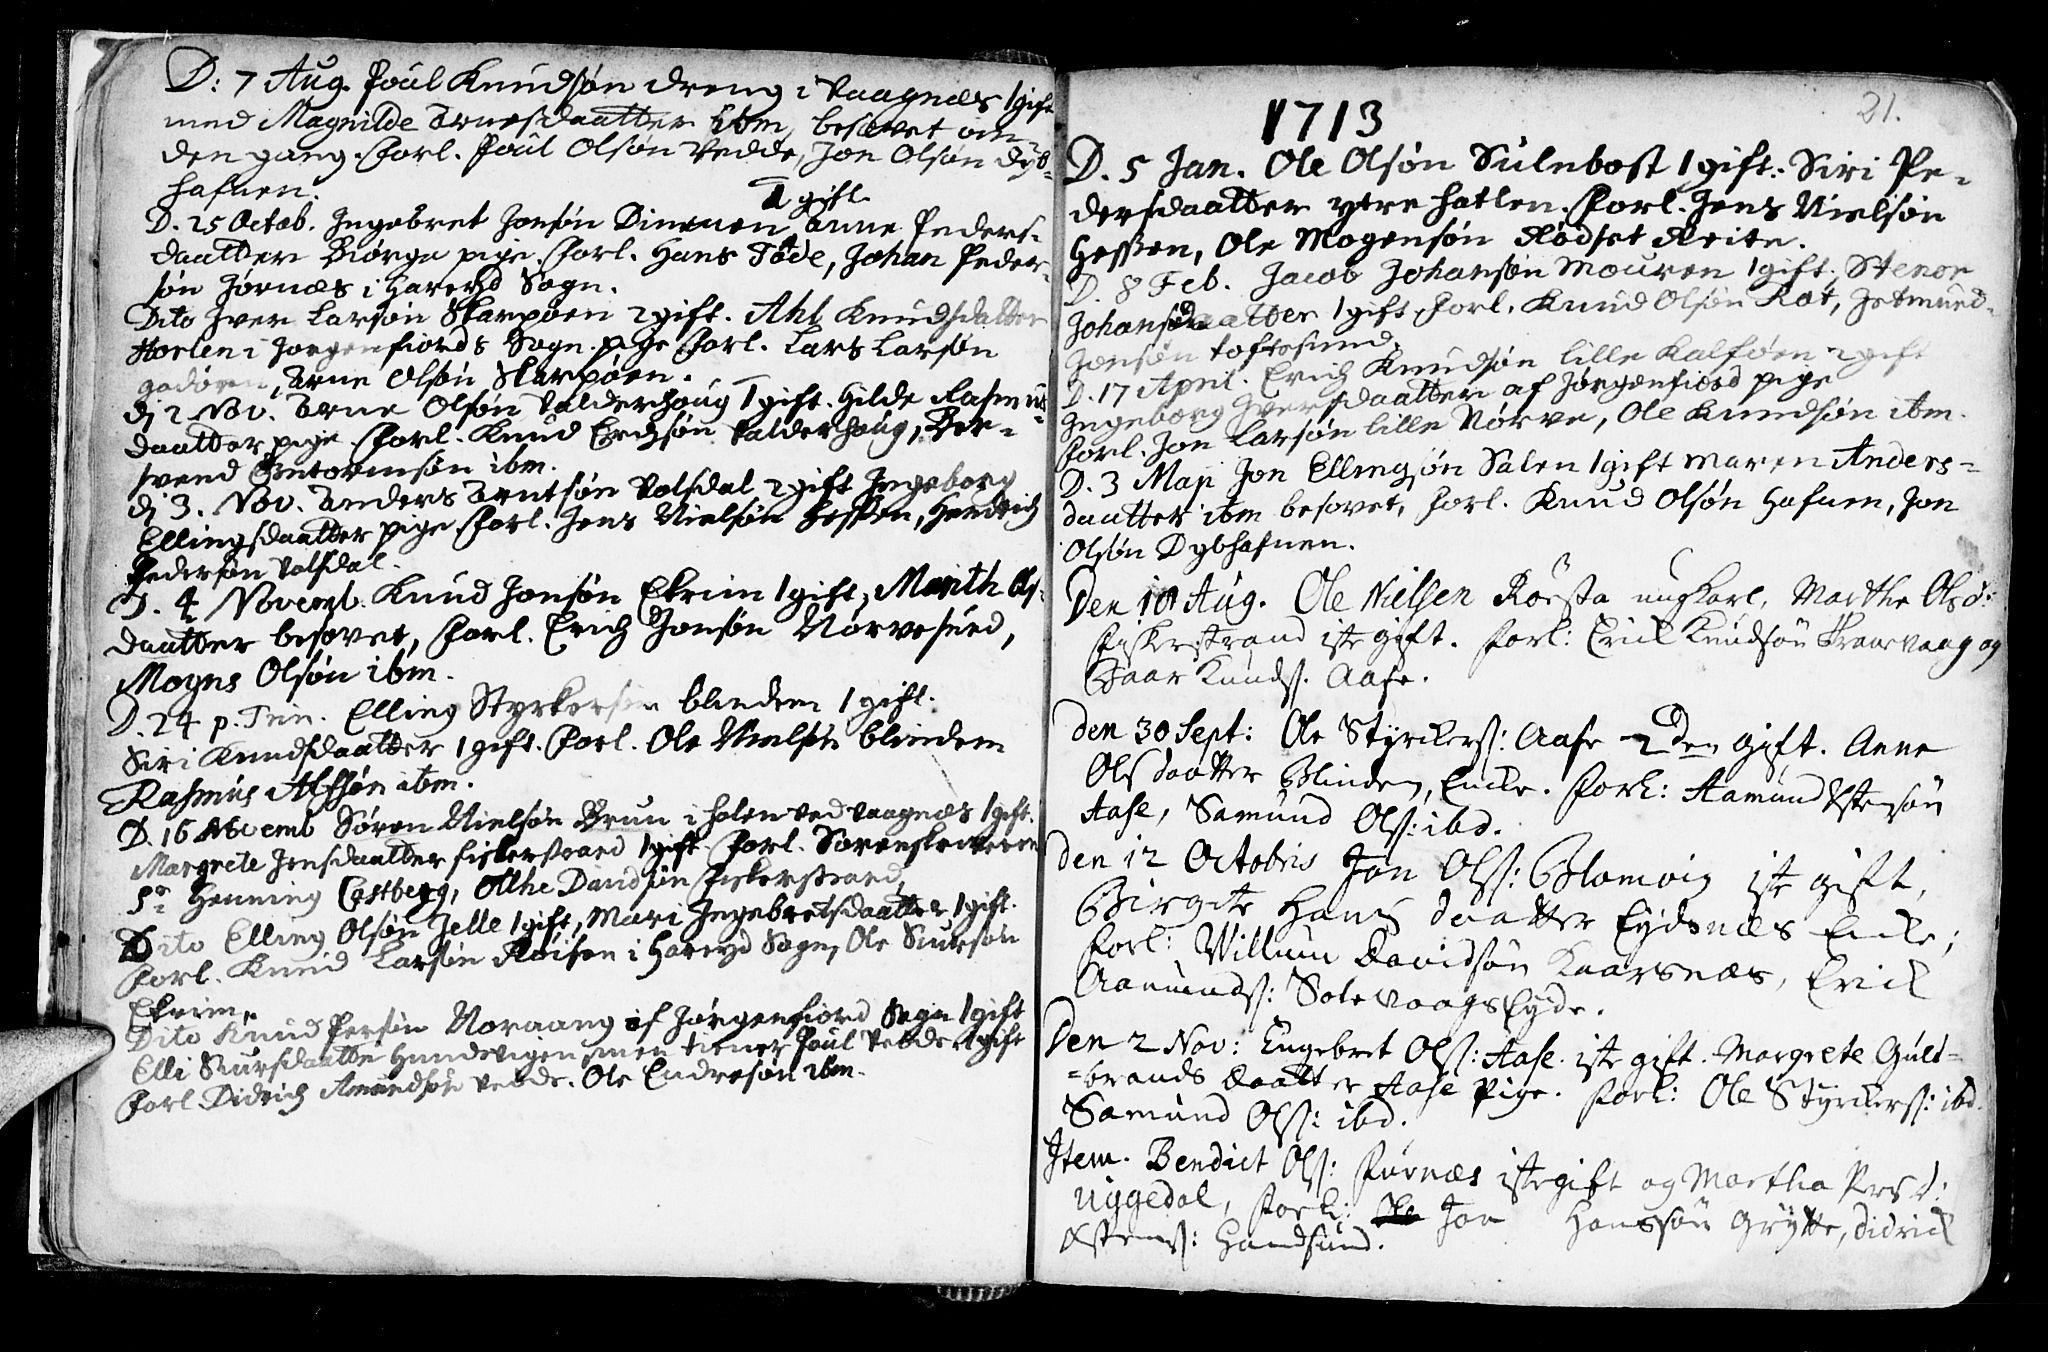 SAT, Ministerialprotokoller, klokkerbøker og fødselsregistre - Møre og Romsdal, 528/L0390: Ministerialbok nr. 528A01, 1698-1739, s. 20-21